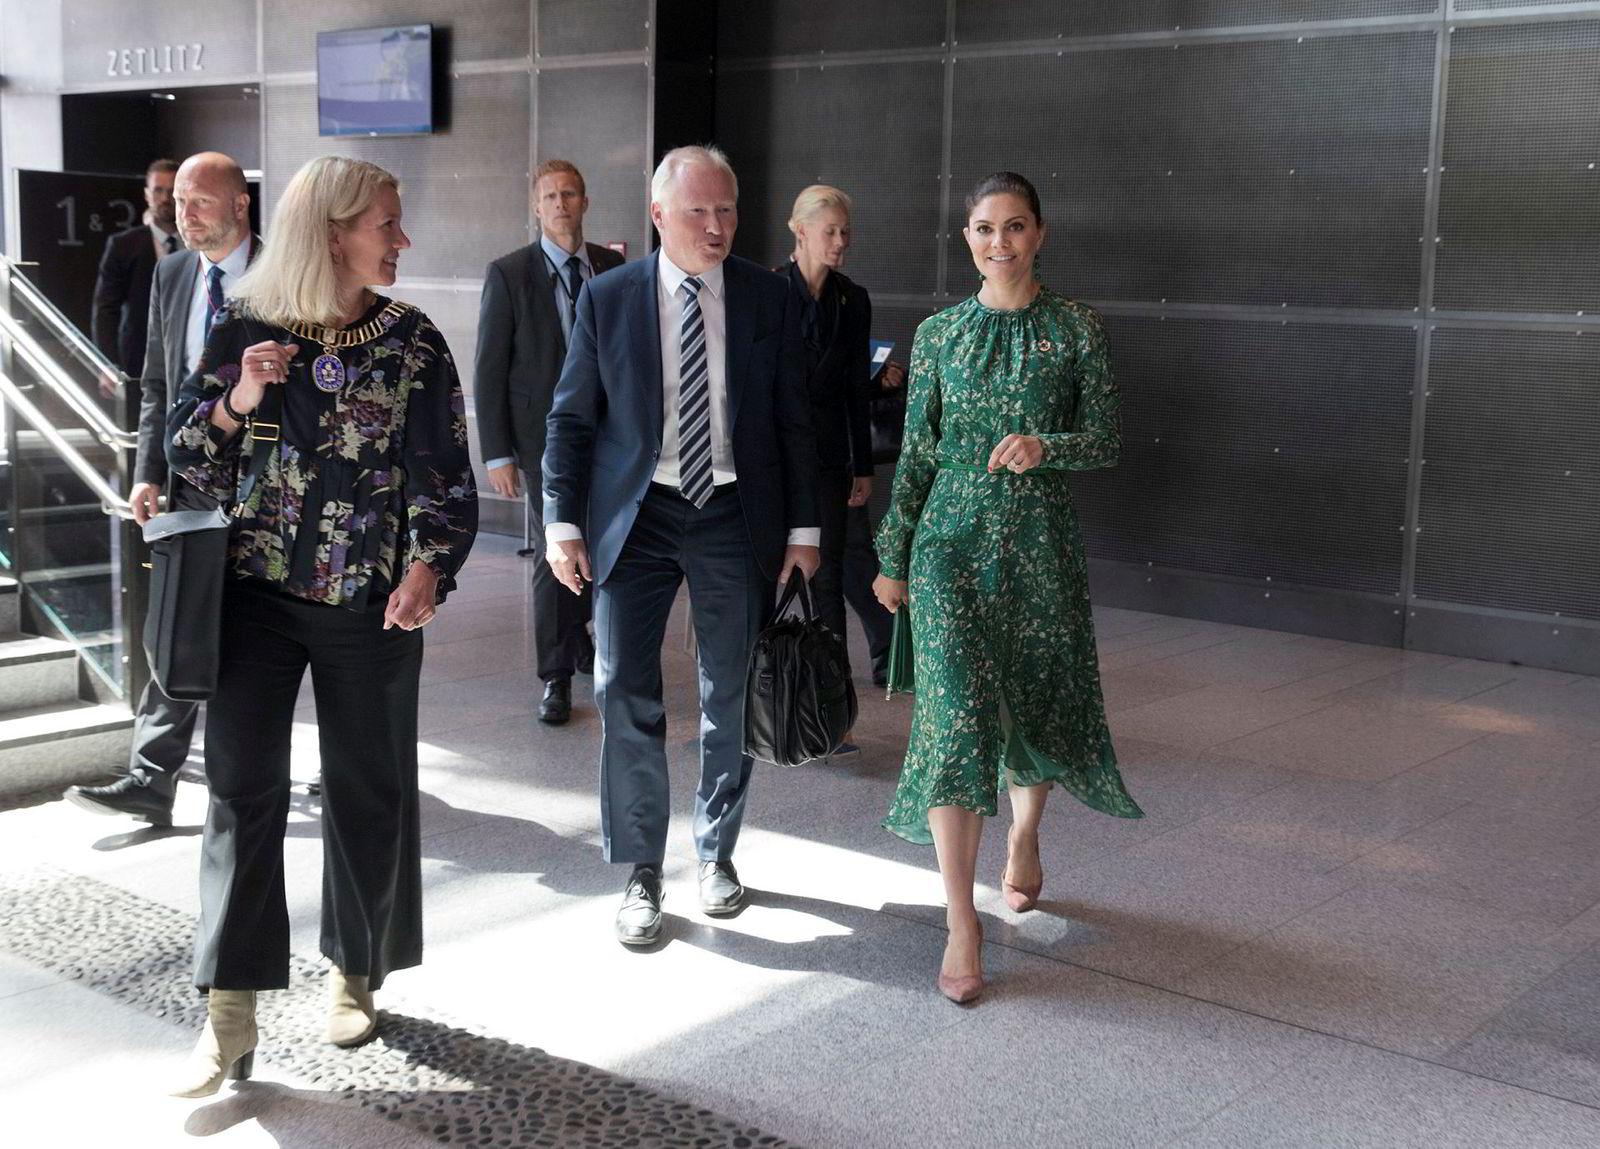 Akva Group-konsernsjef Knut Nesse (i midten) på konferansen Aquavision i Stavanger i 2018. Til venstre er daværende ordfører Christine Sagen Helgø (H) og til høyre er Sveriges kronprinsesse Victoria.